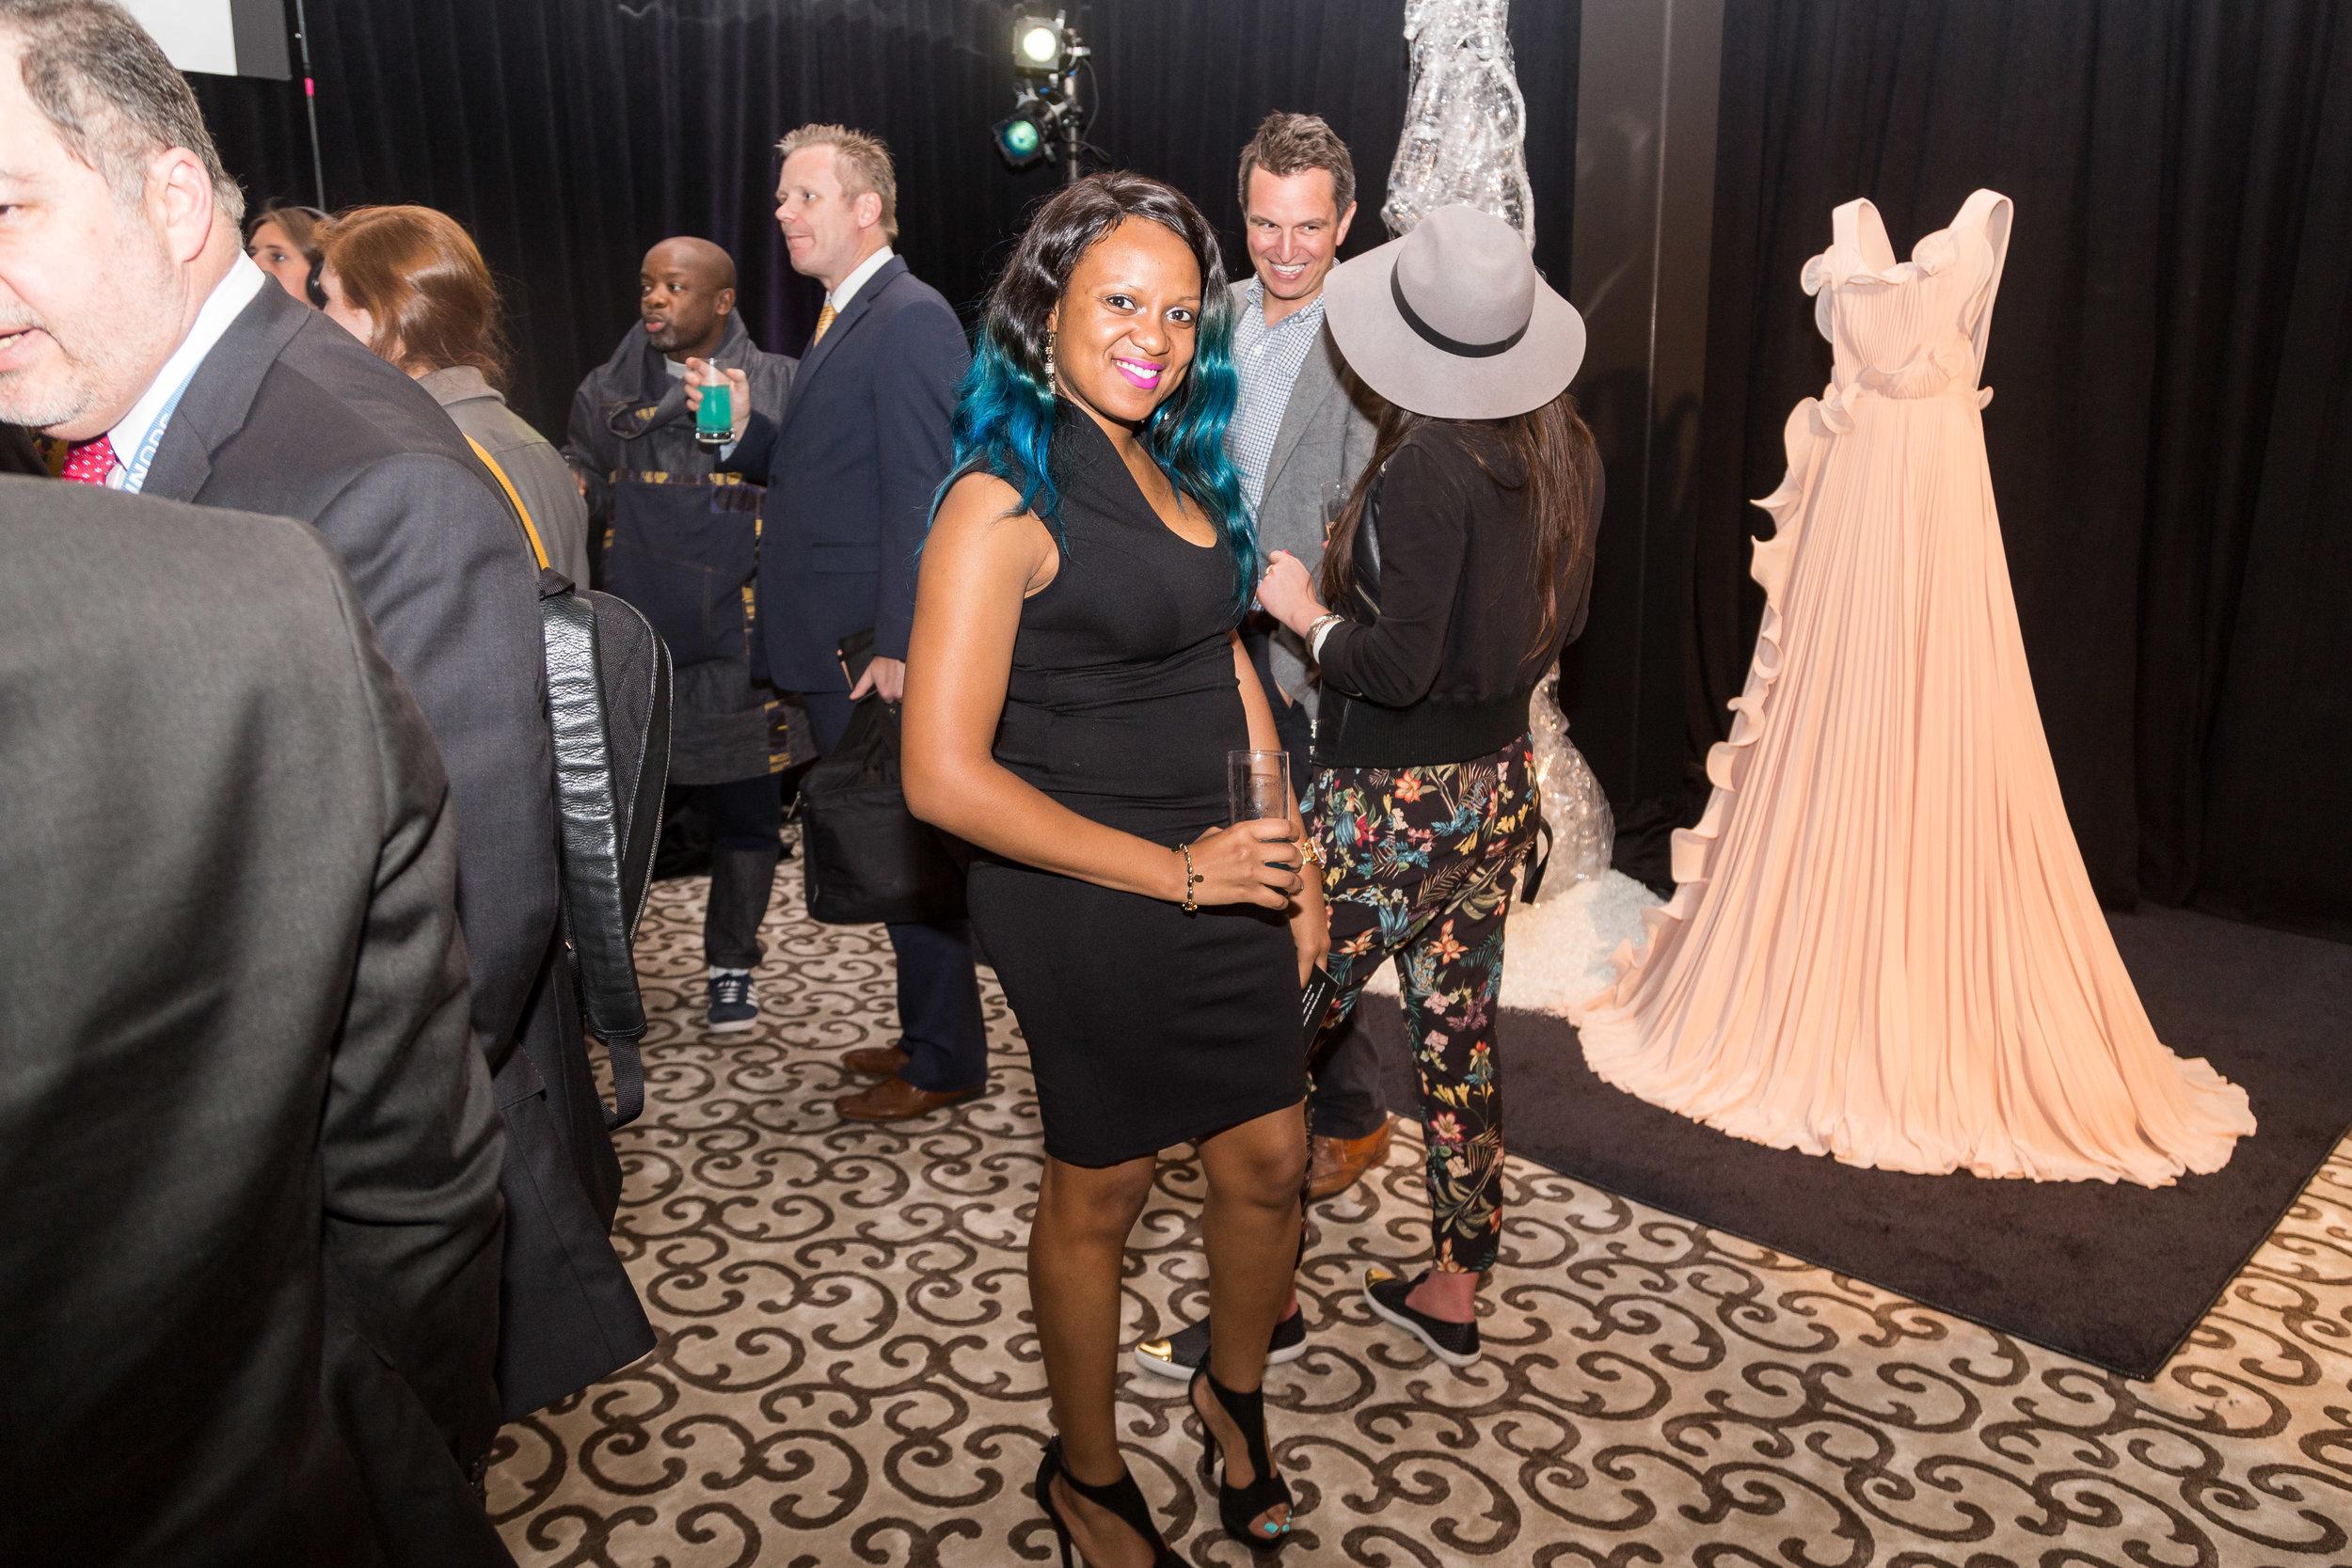 GUEST ADMIRES H&M'S BIONIC DRESS